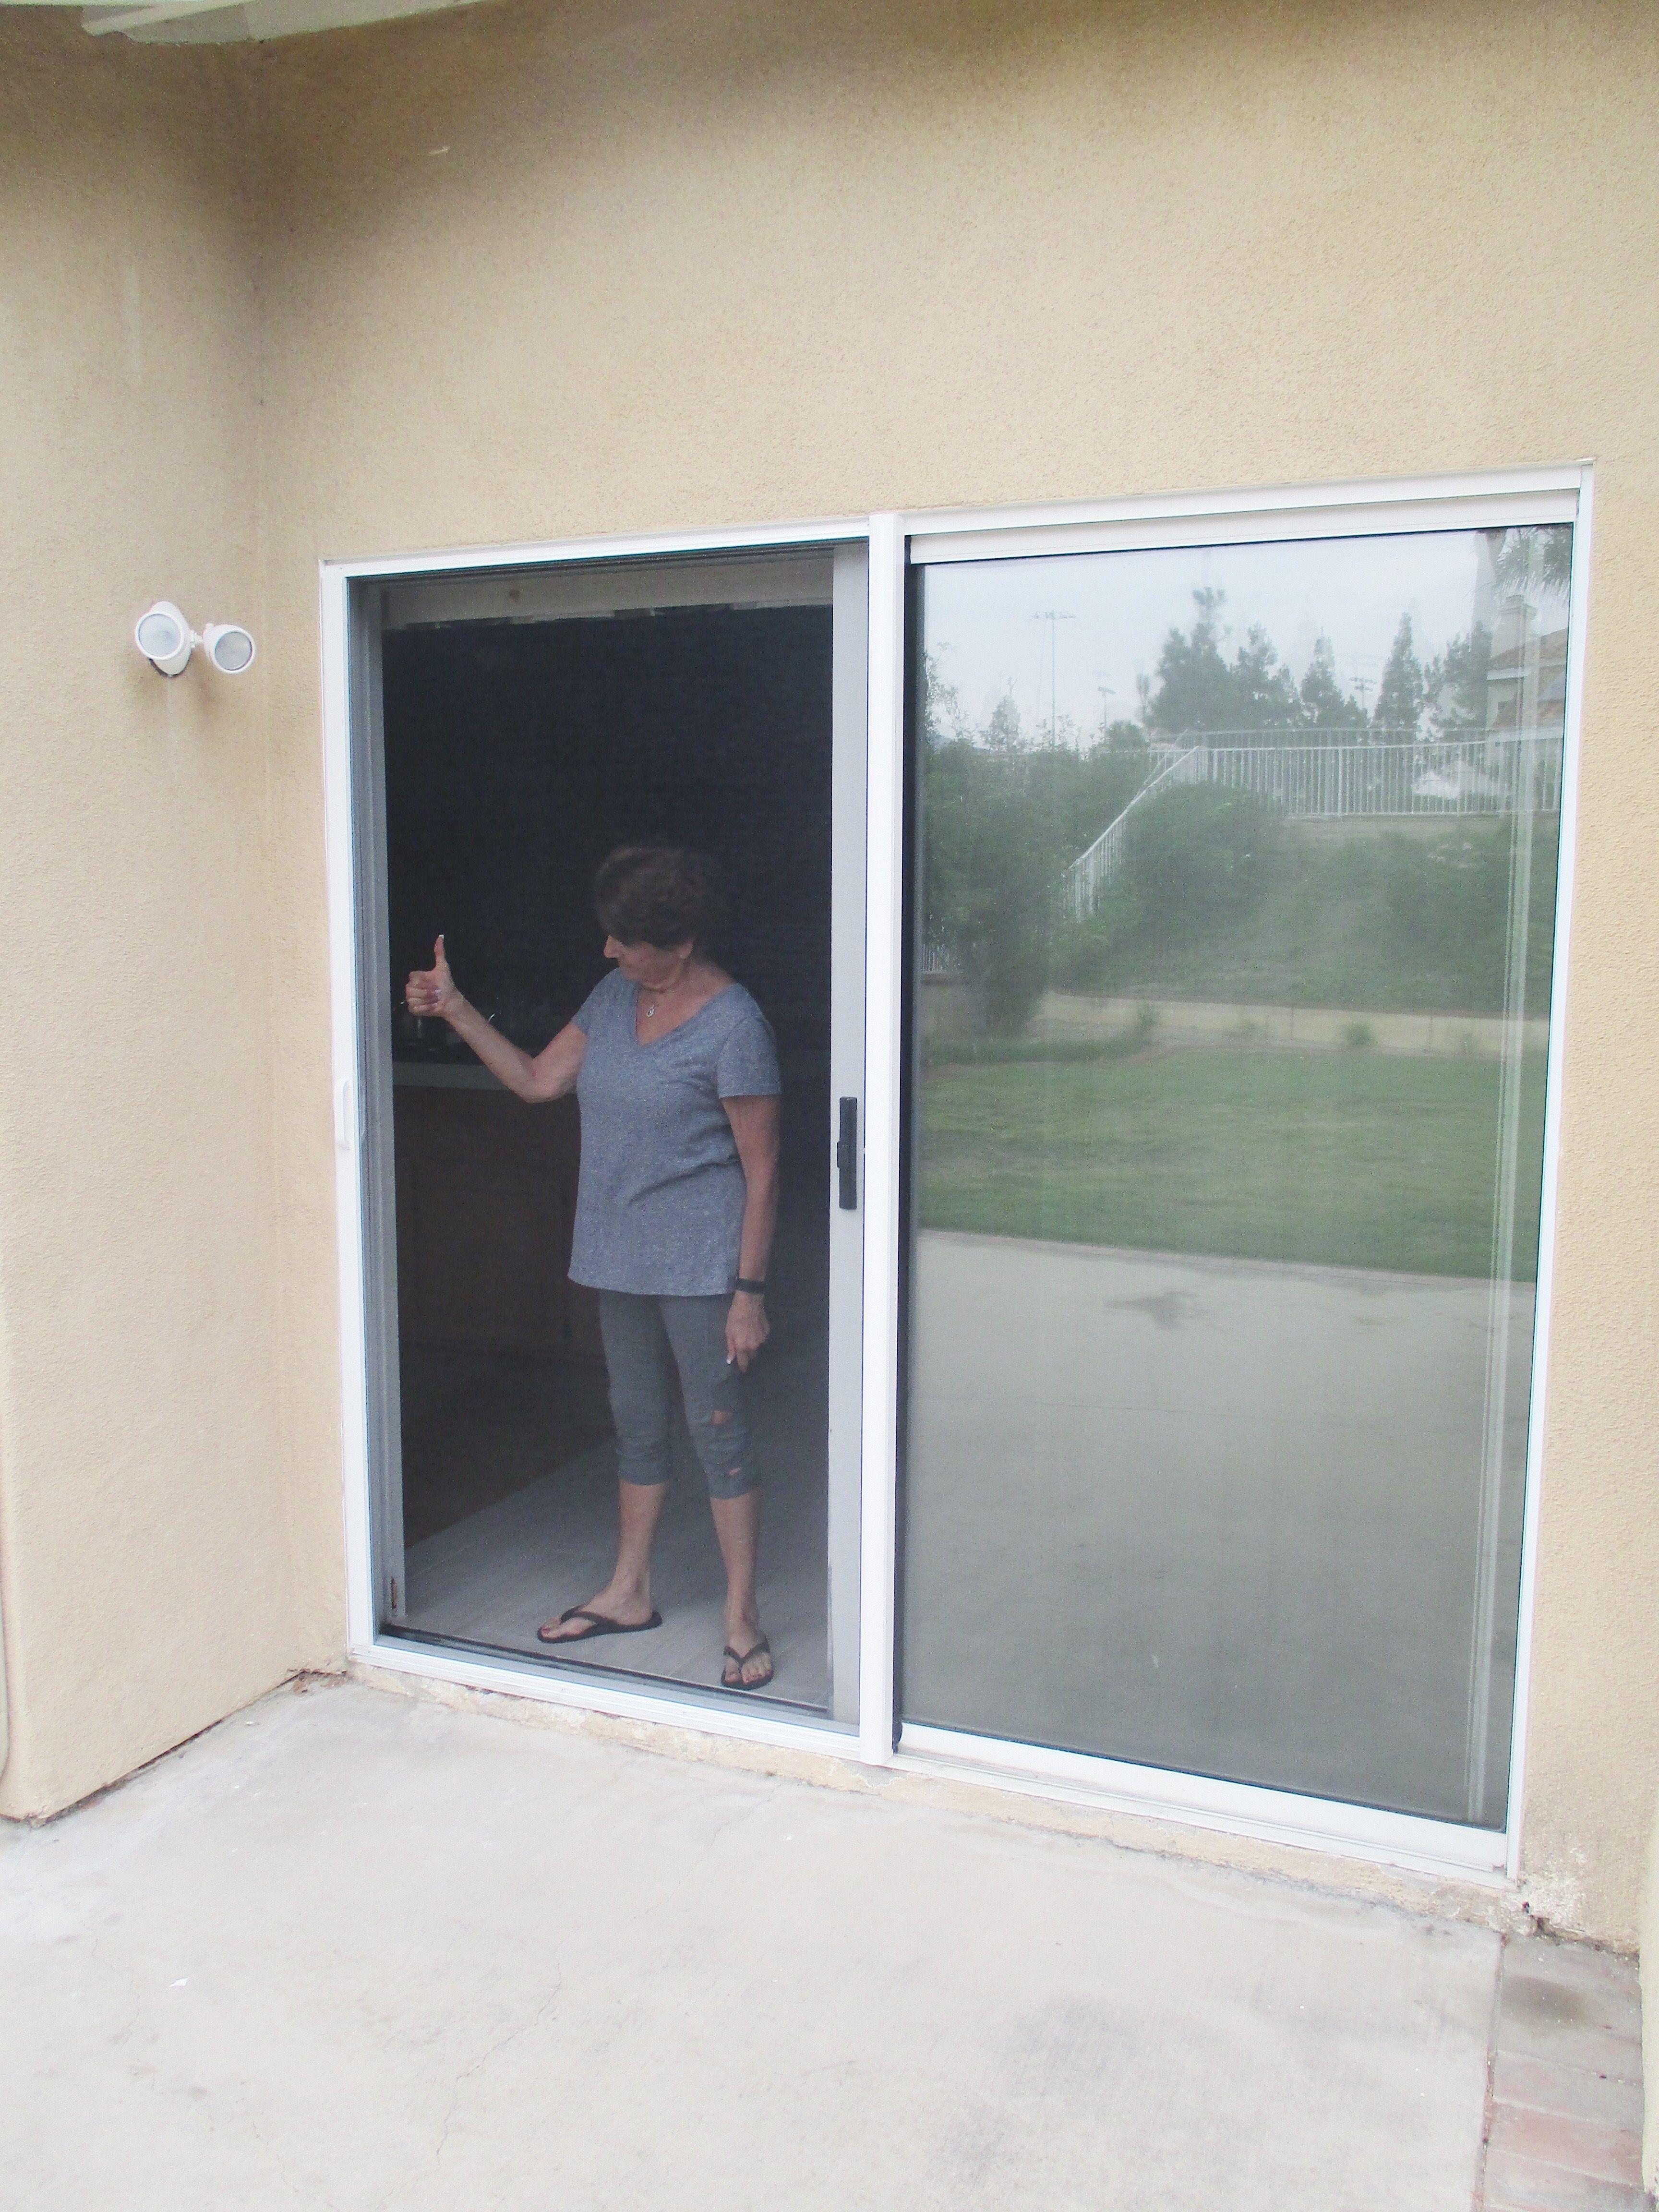 Mobile Retractable Screen Door Retractable Screen Wooden Screen Door